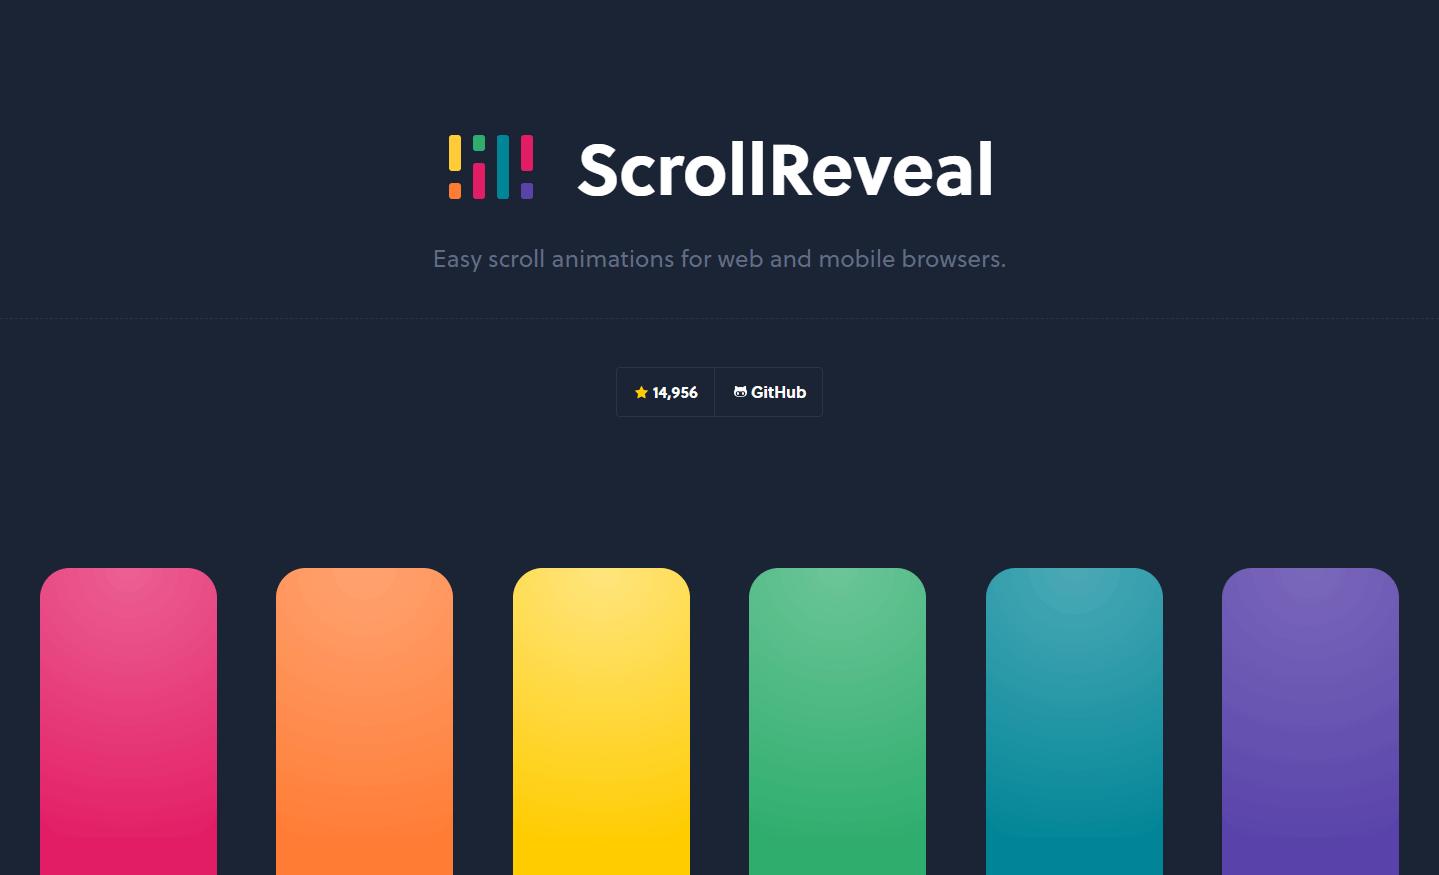 スクロール時にパララックス効果を加えられる軽量スクリプト「ScrollReveal」